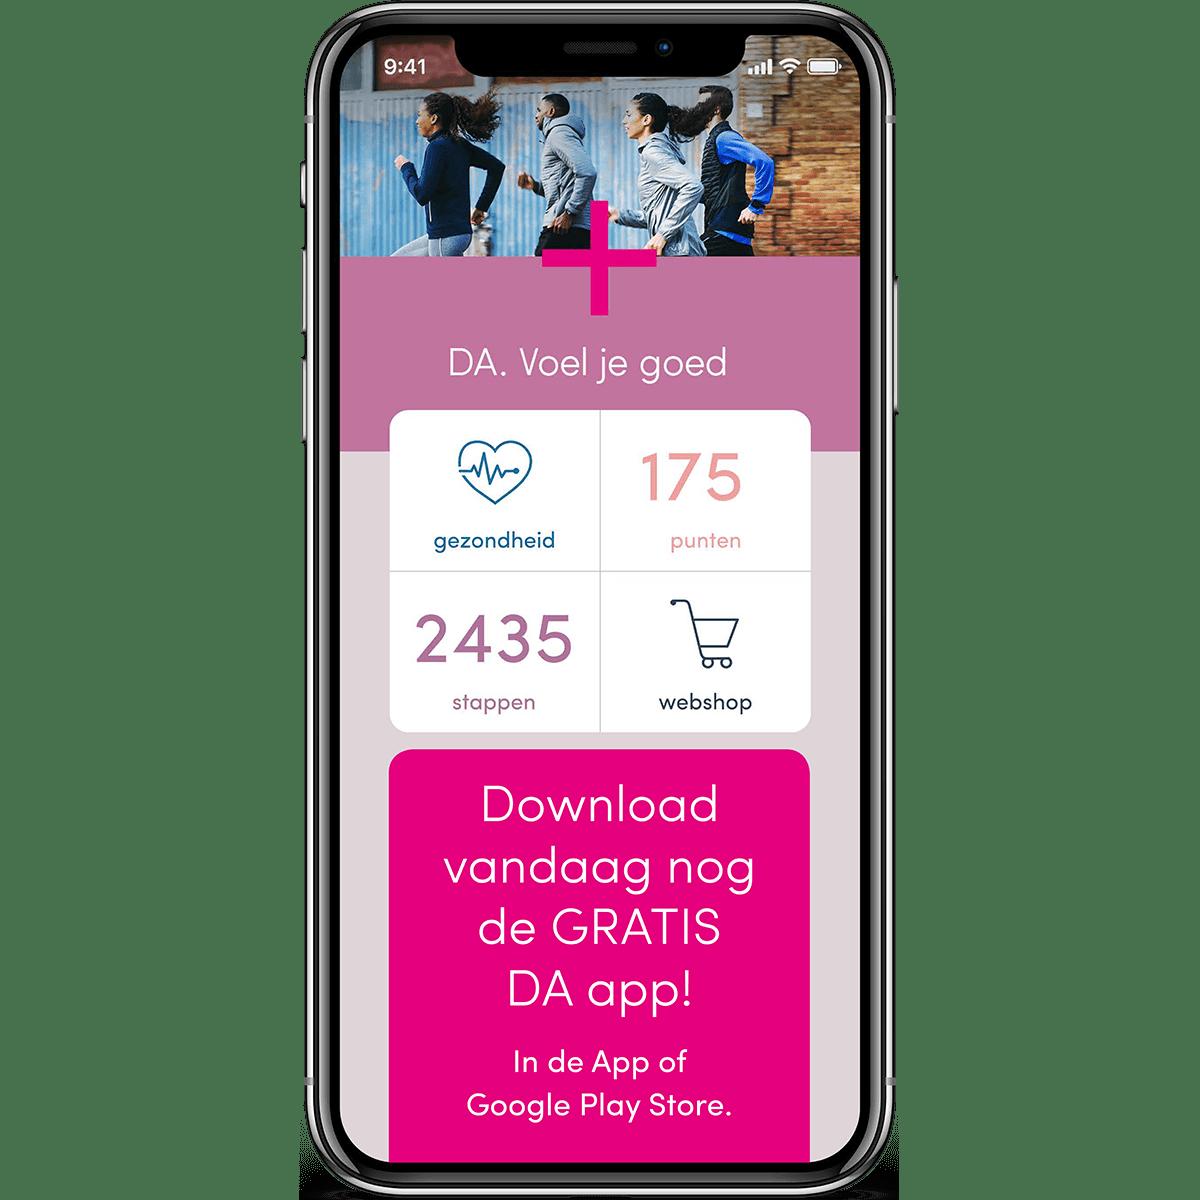 DA app